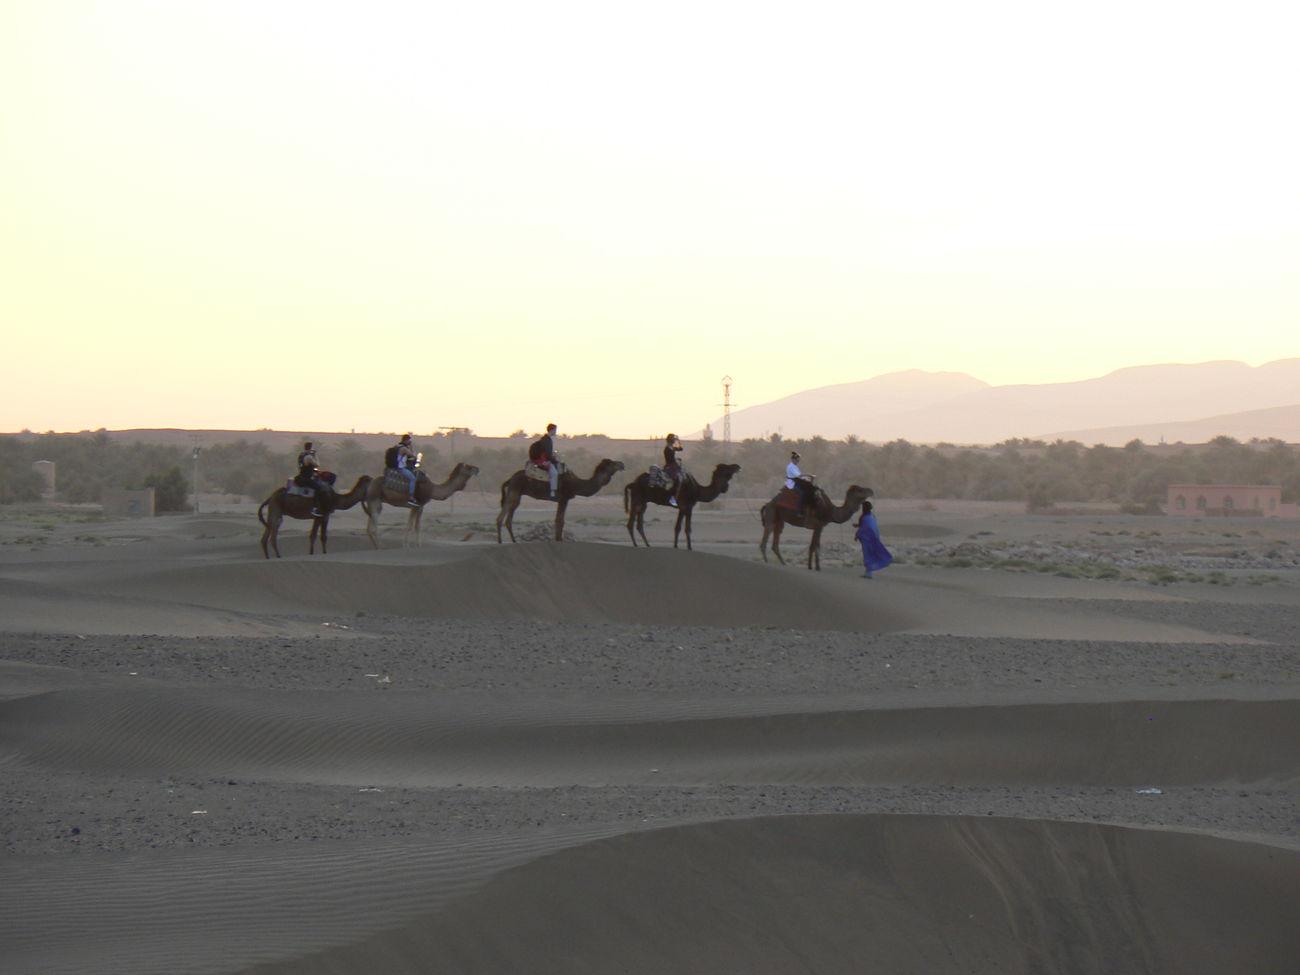 Camel Desert Marocco Nature Non-urban Scene Person Tourism Tranquil Scene Zagora Desert